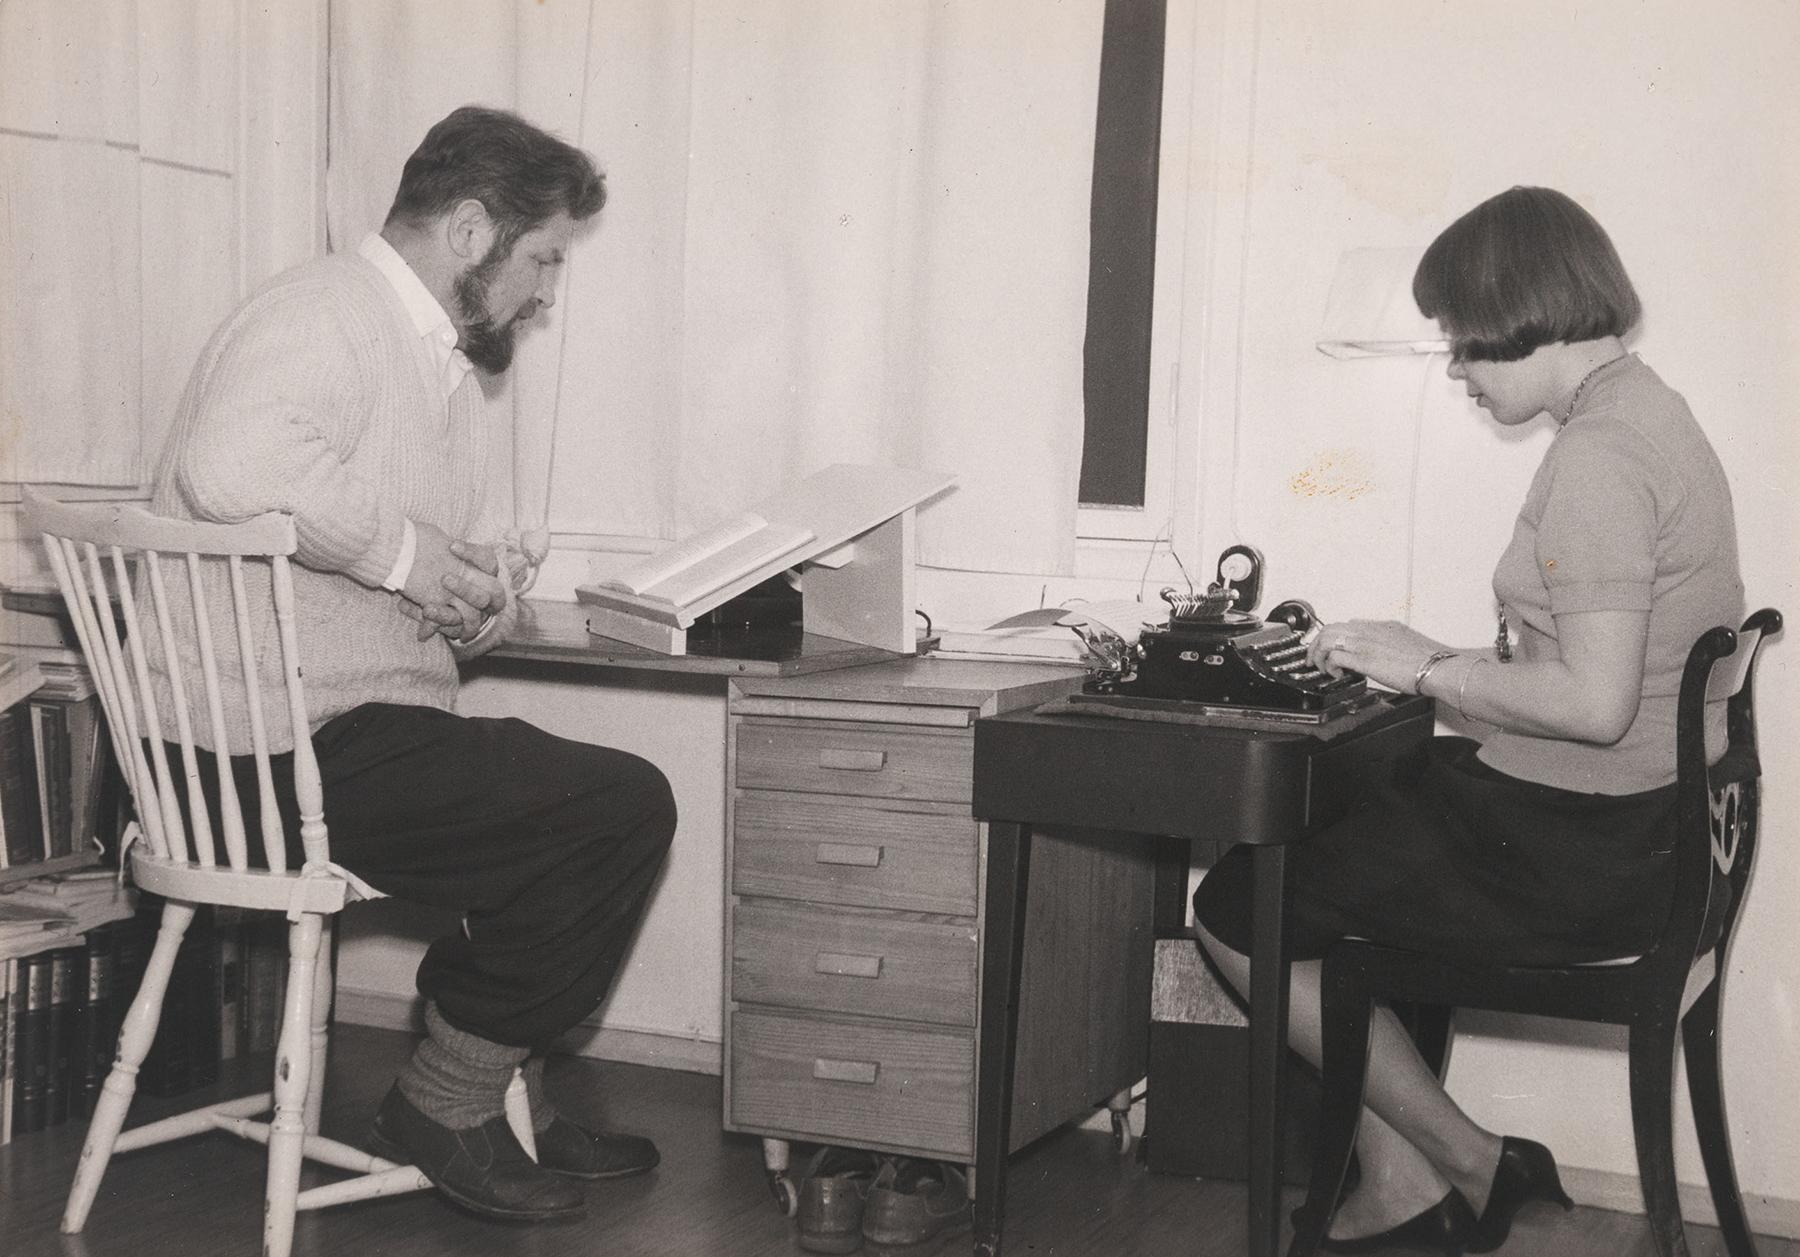 Juhani Konkka kääntää kirjaa venäjästä, jota sihteeri Margareta Granlund kirjoittaa koneella puhtaaksi. SKS KIA, Juhani Konkan arkisto. CC BY 4.0